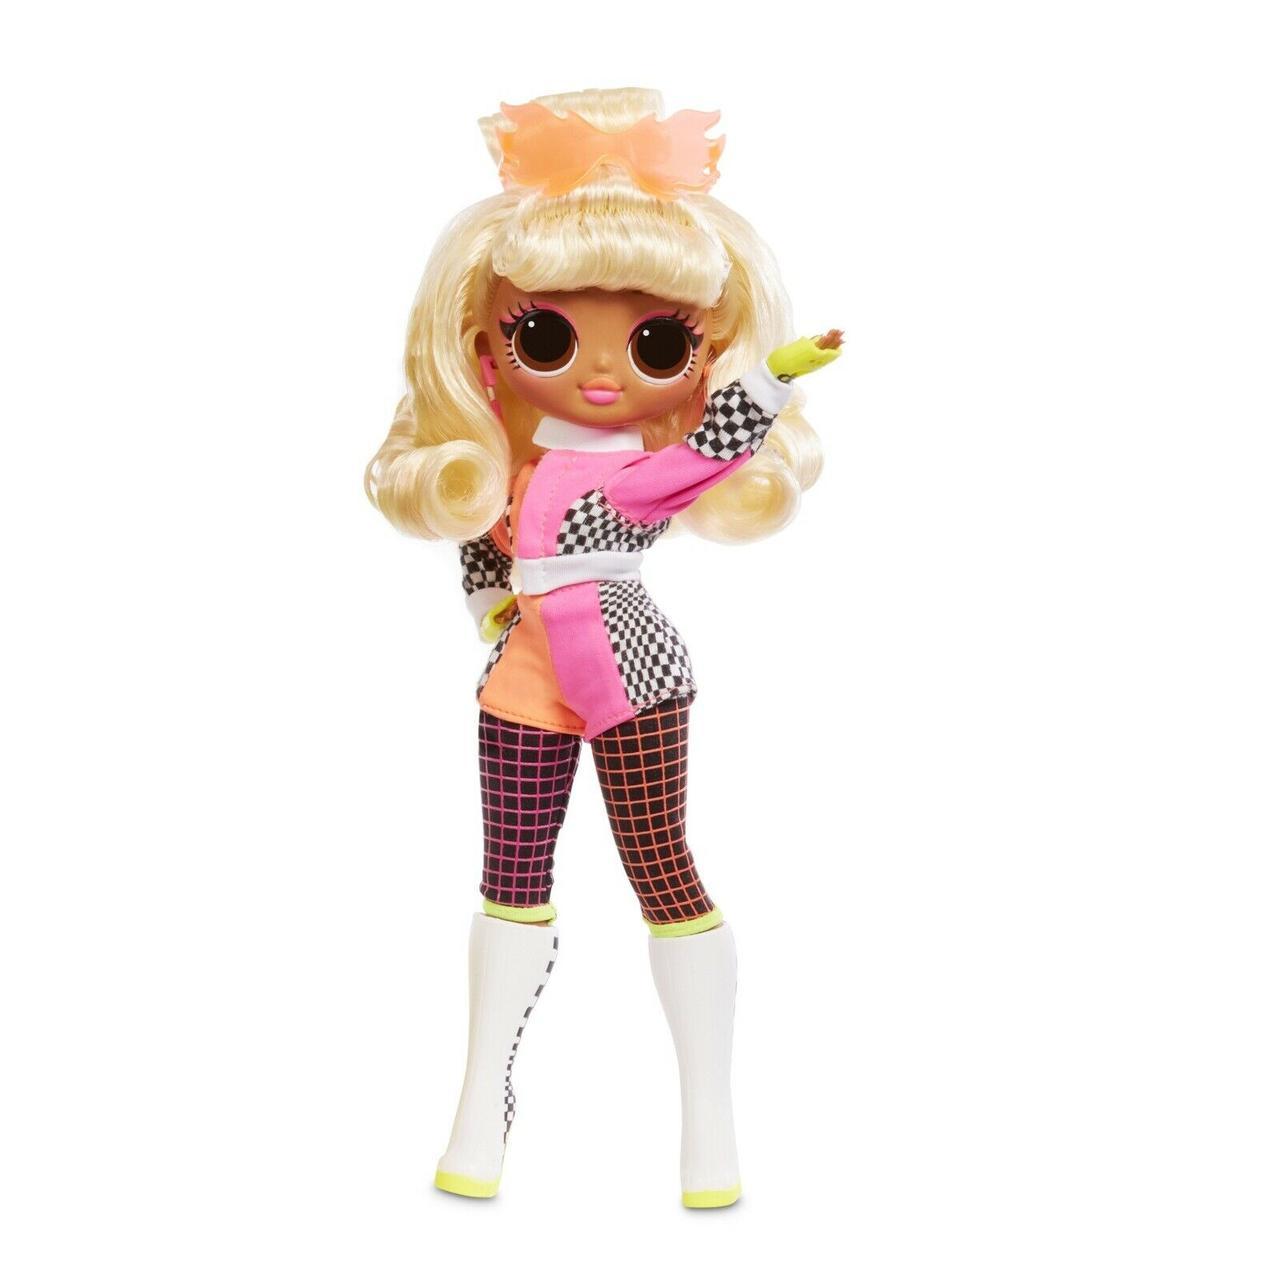 LOL OMG Lights Светящаяся Кукла Неон ЛОЛ ОМГ Спидстер (Speedster), 3 серия, ЛОЛ Сюрприз - фото 4